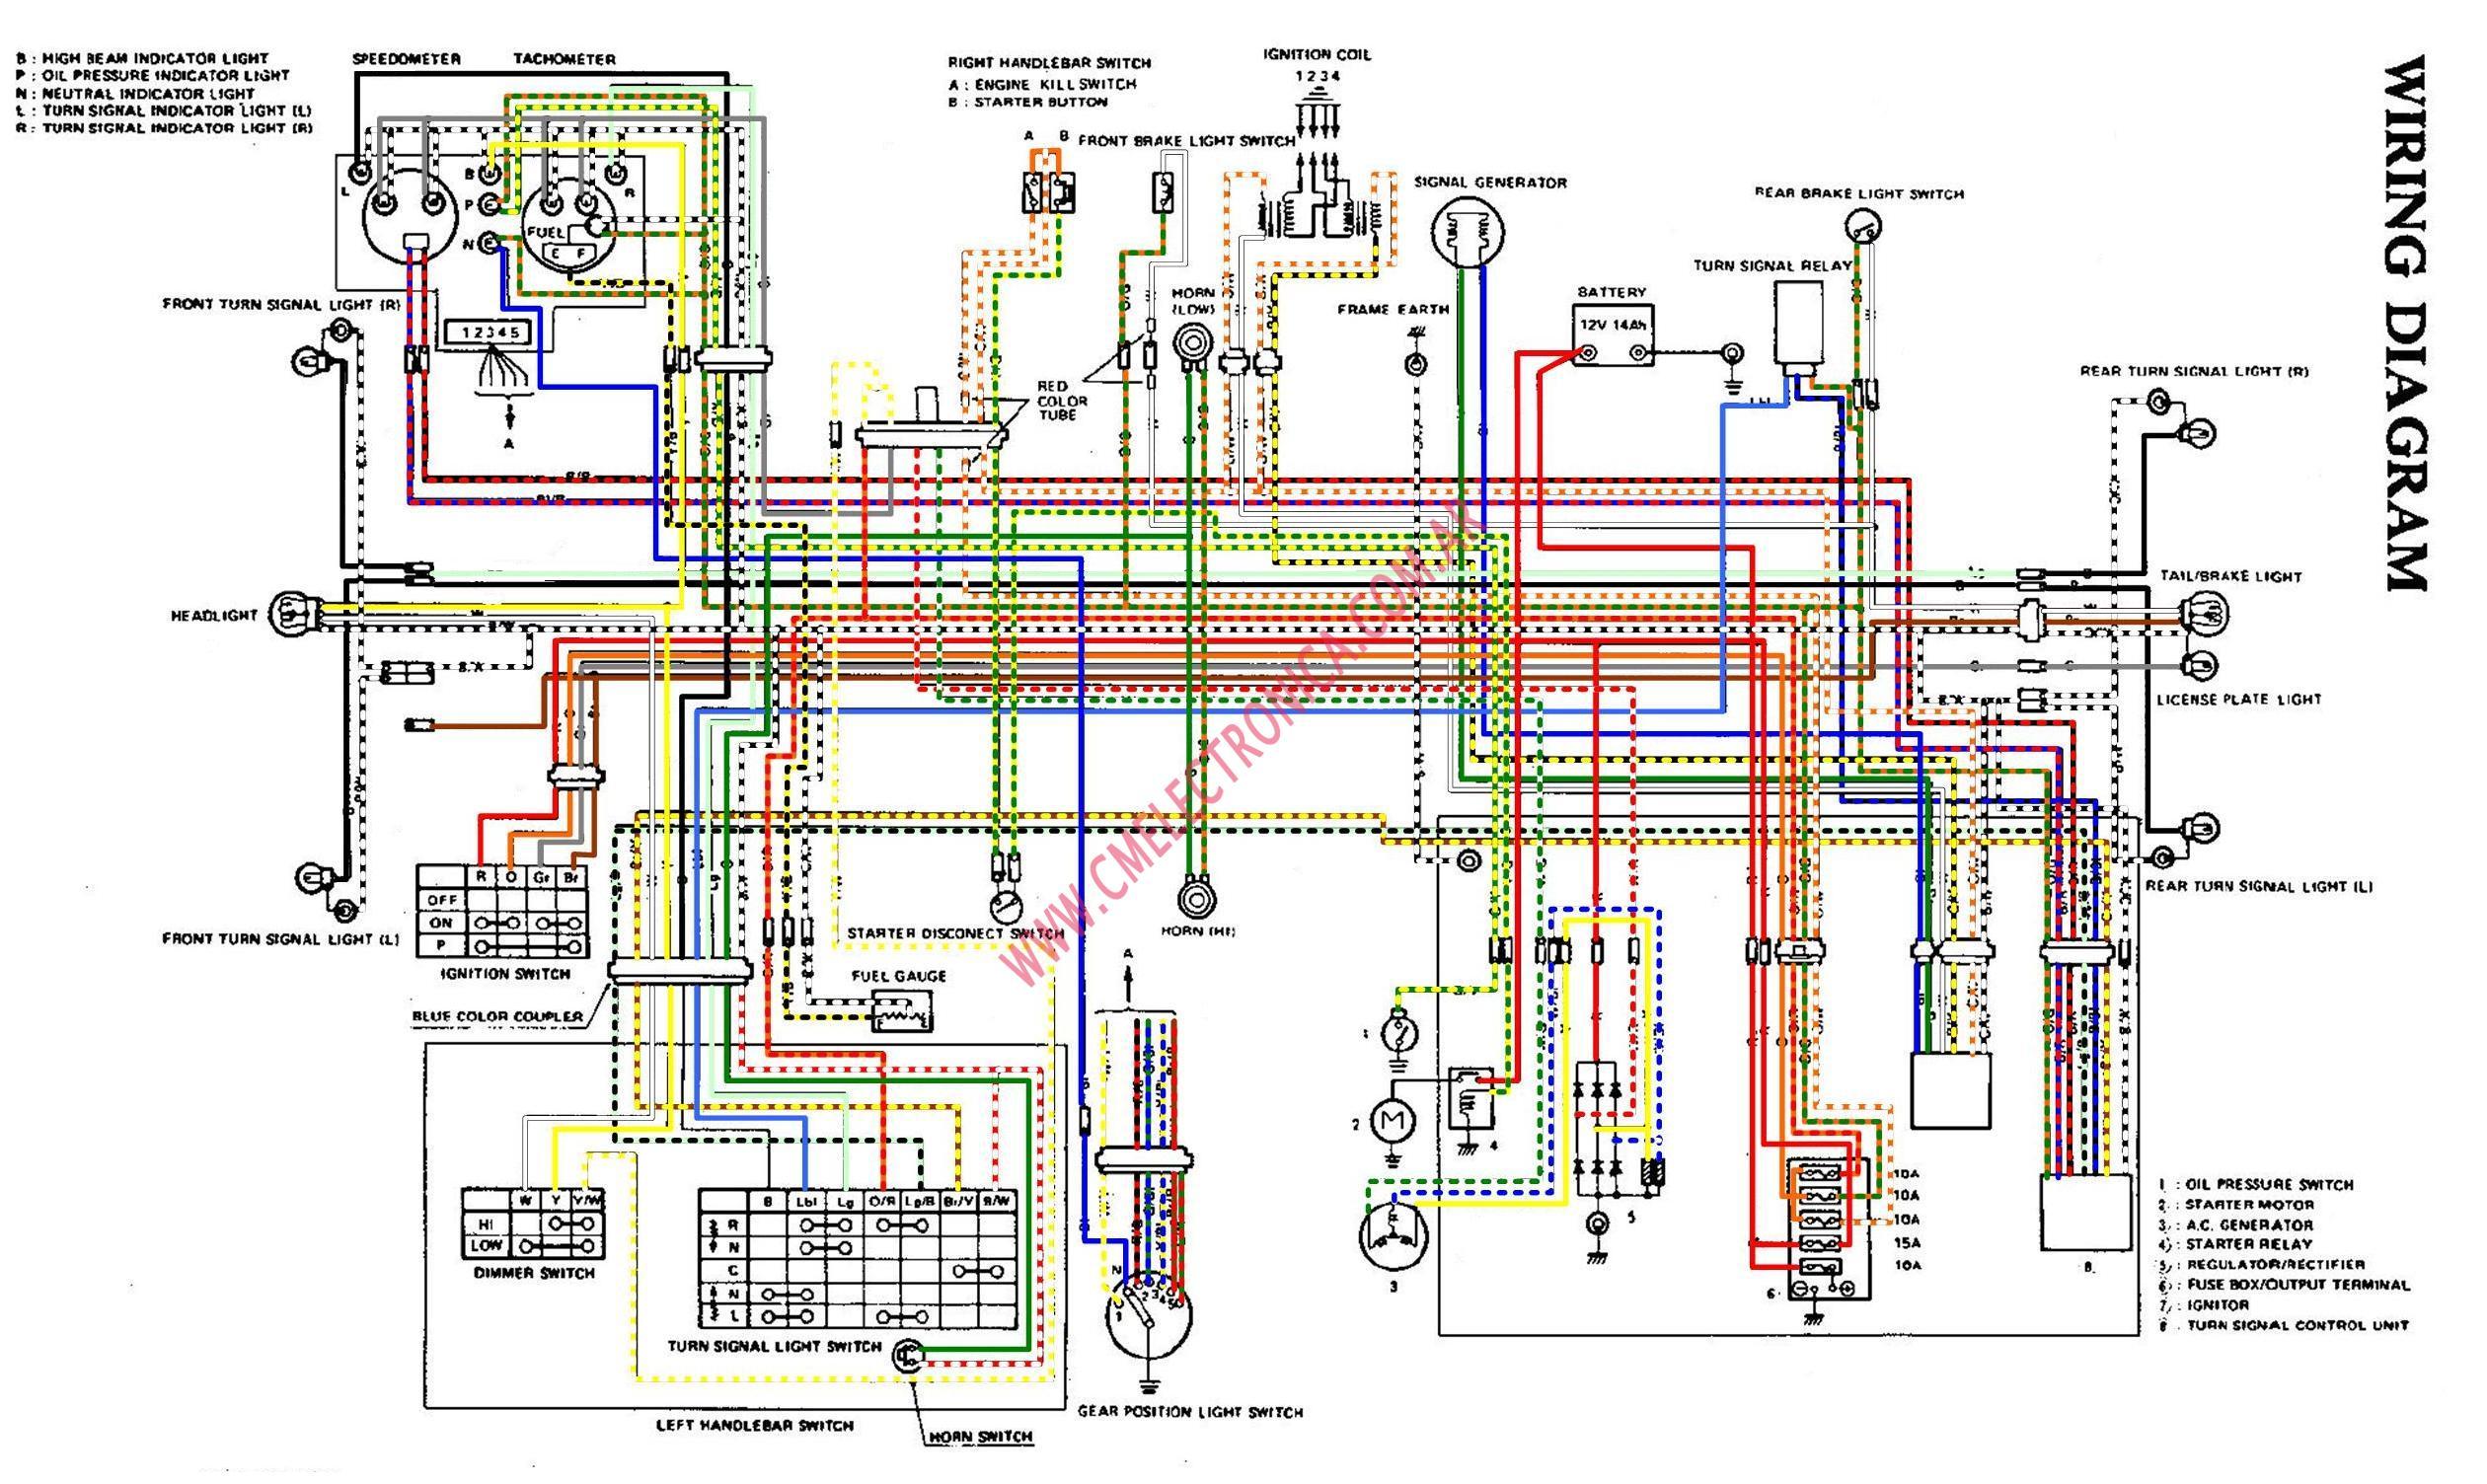 2003 suzuki sv650s wiring diagram suzuki sv650